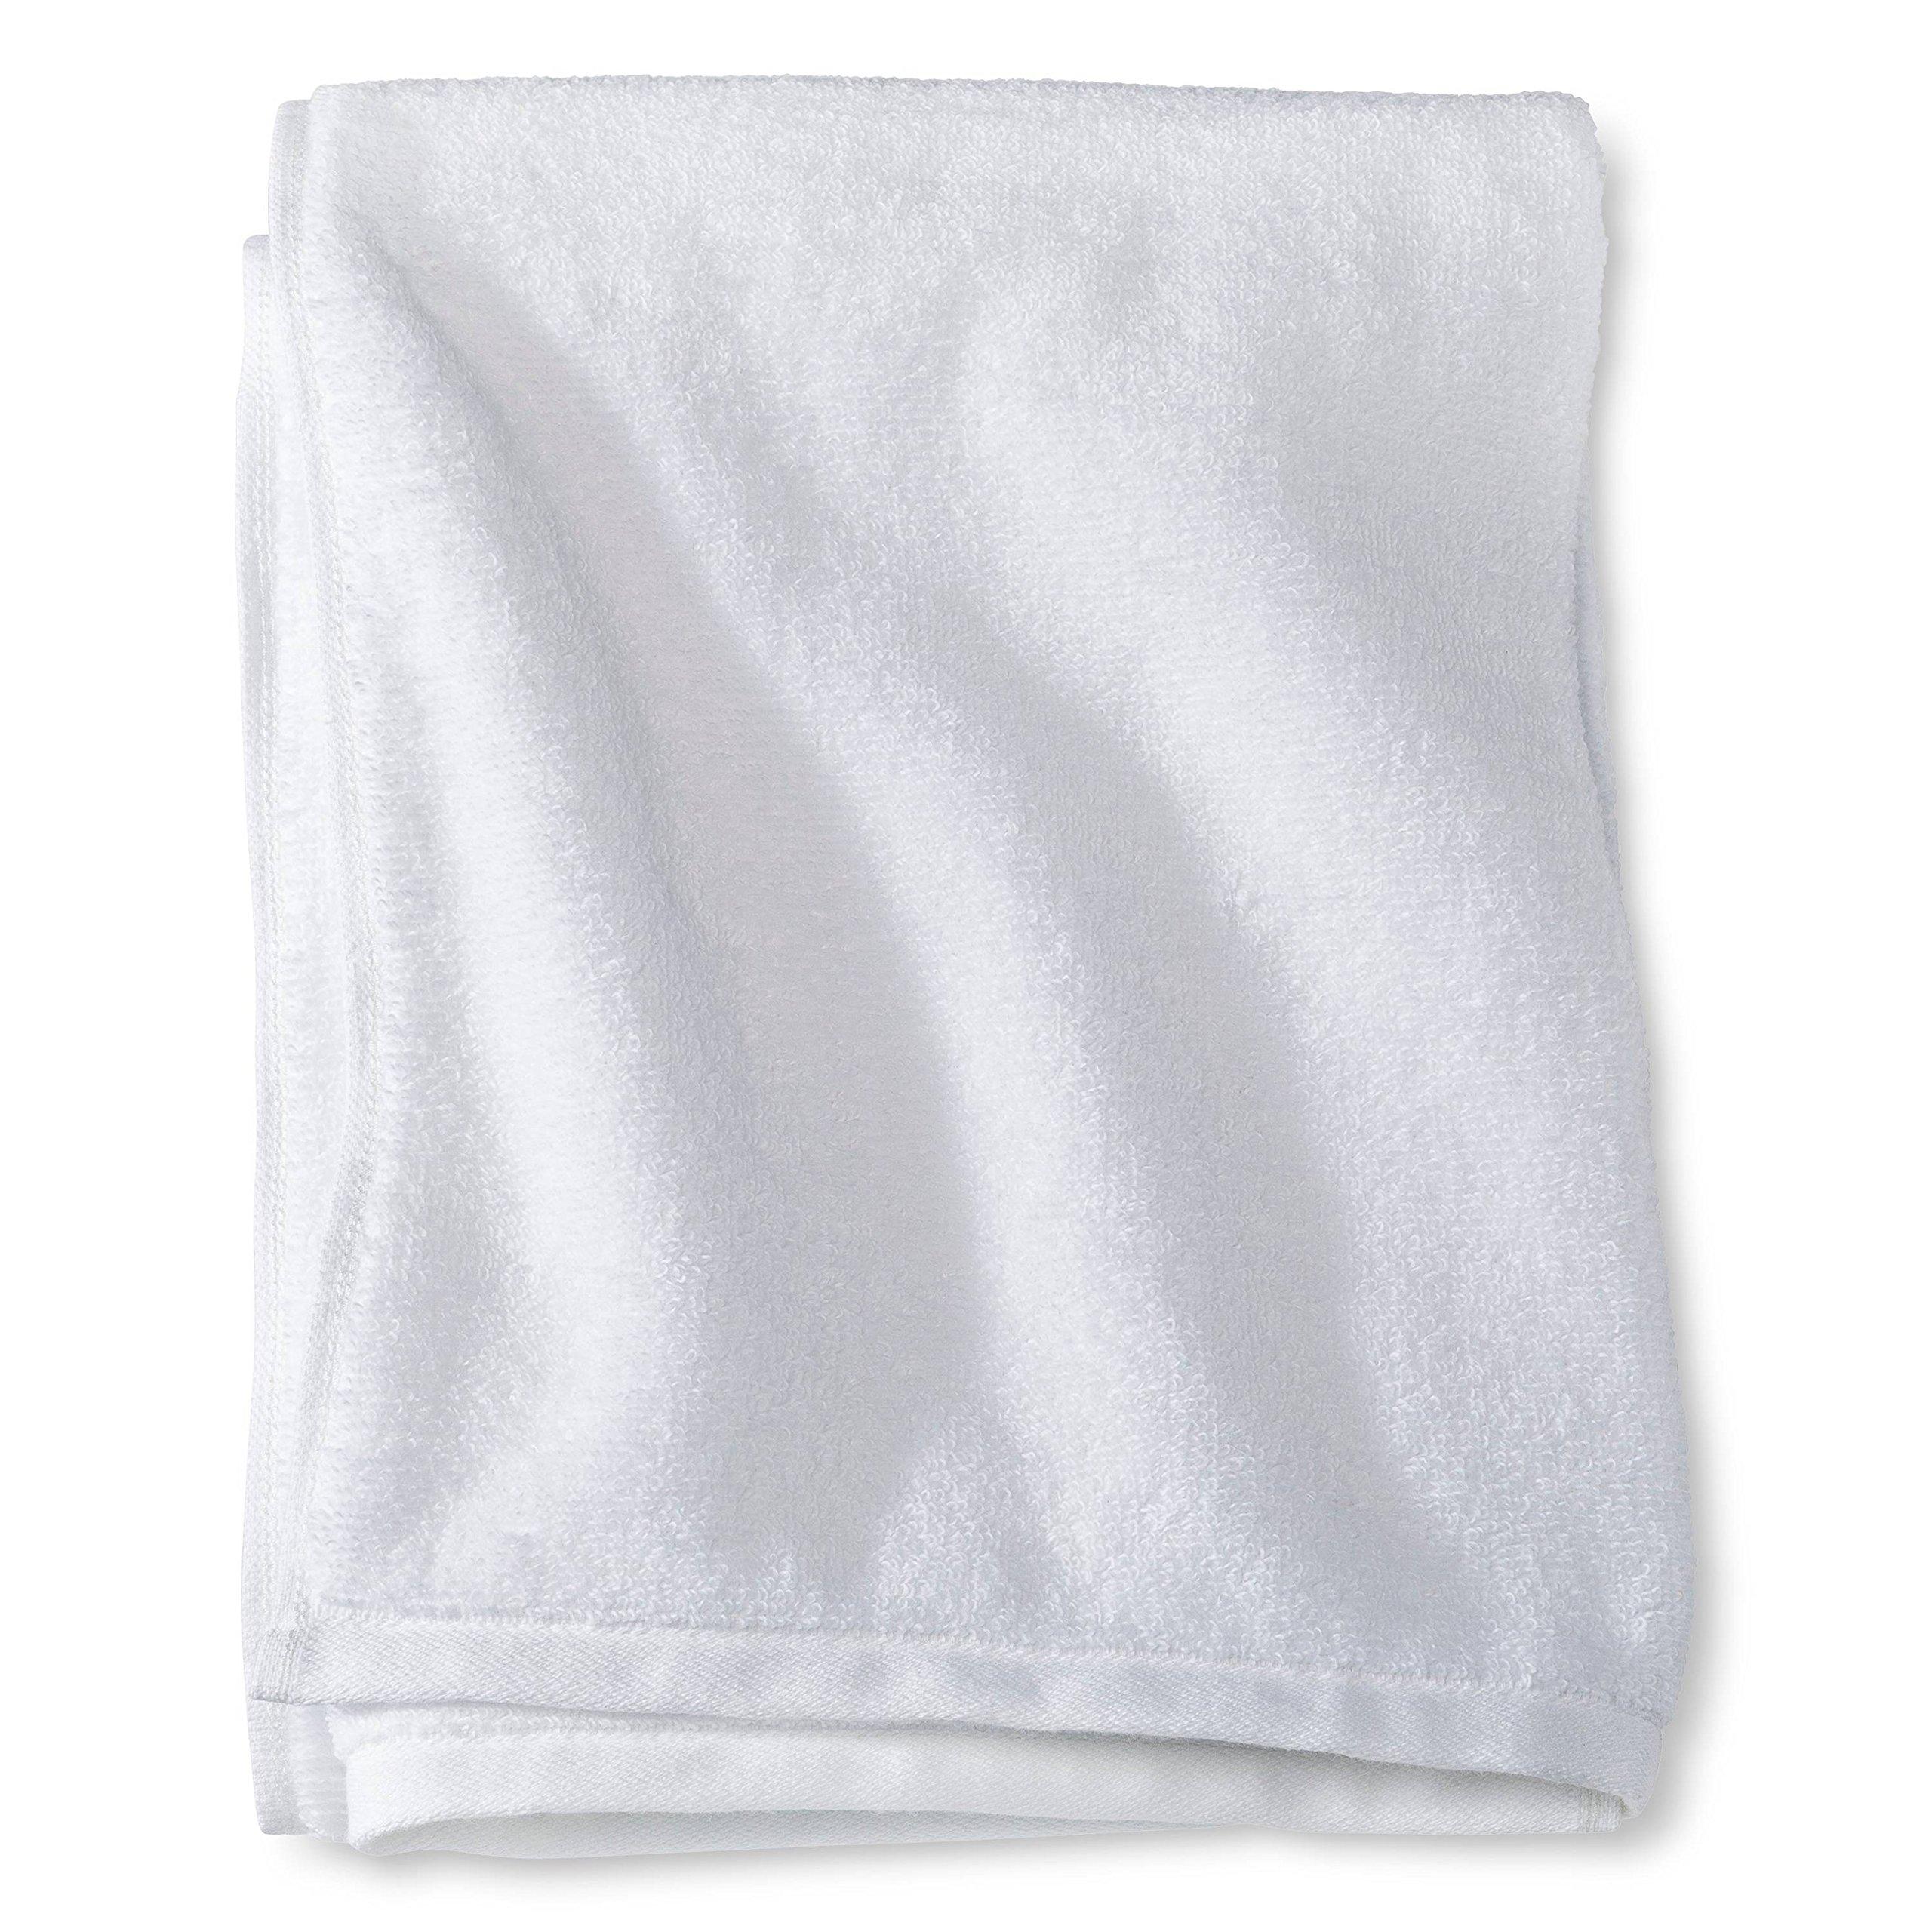 WHITE Color Bulk Fingertip Towels Terry Velour w/Hemmed Ends 100% Cotton (12, BLACK) (24, WHITE)